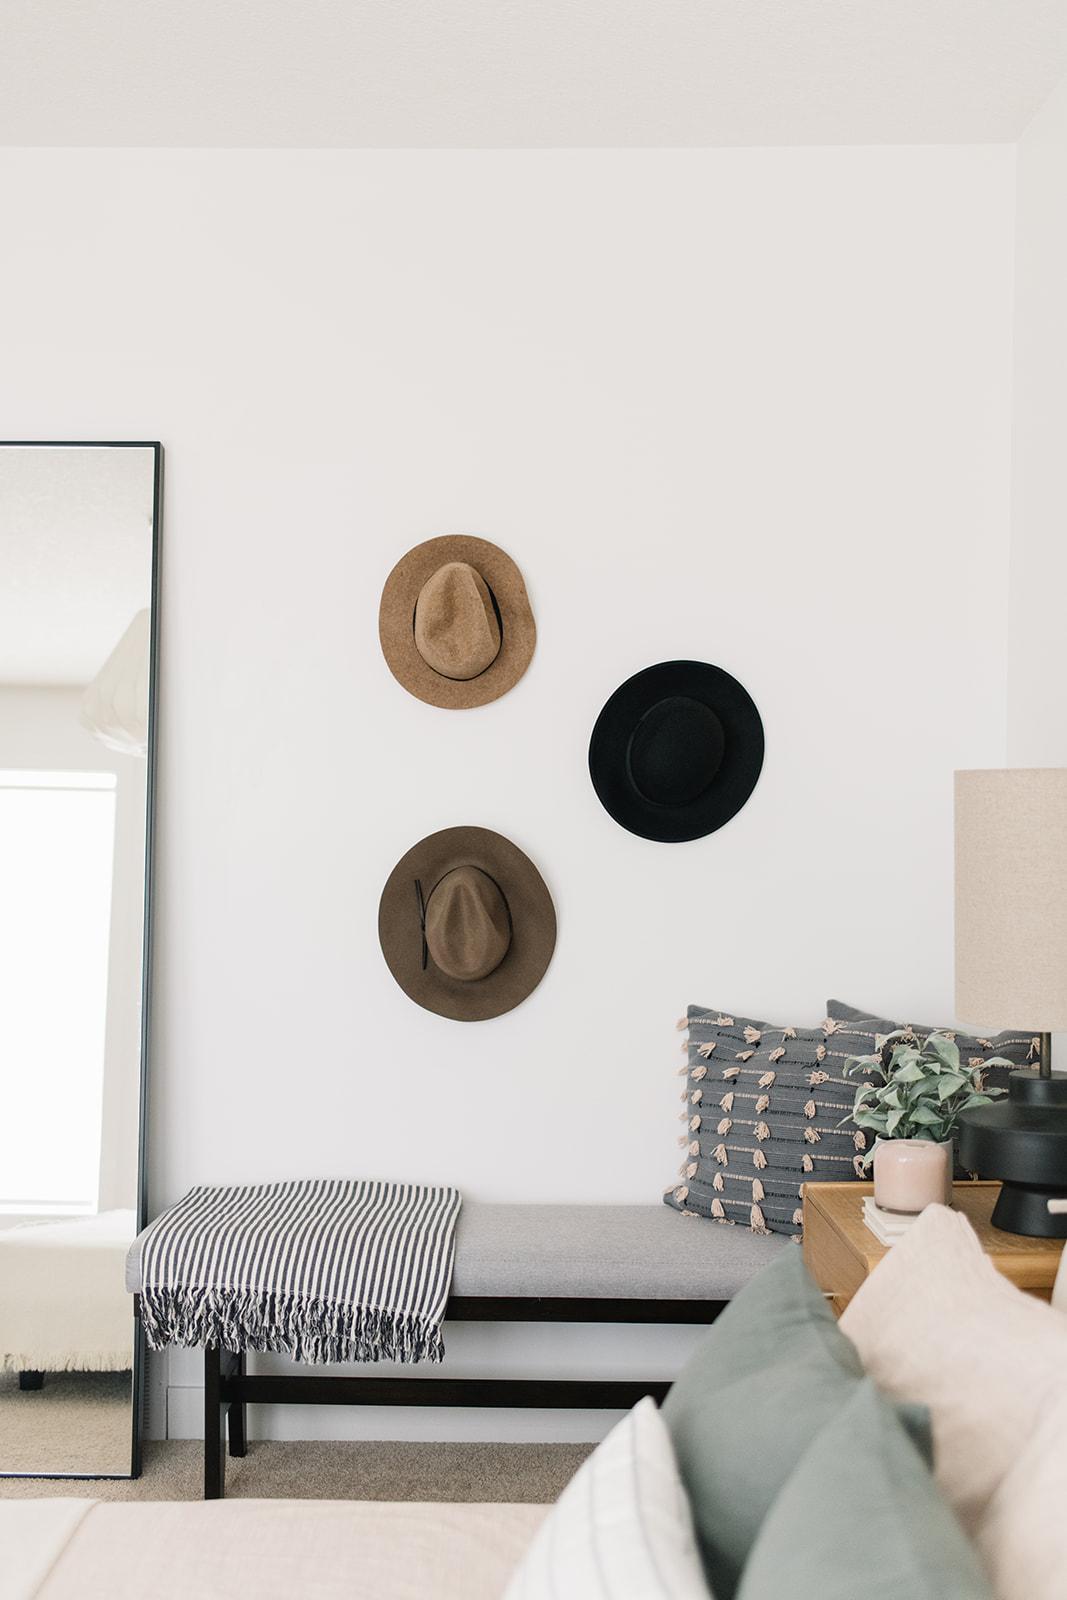 minimalist bedroom, hats on wall in bedroom